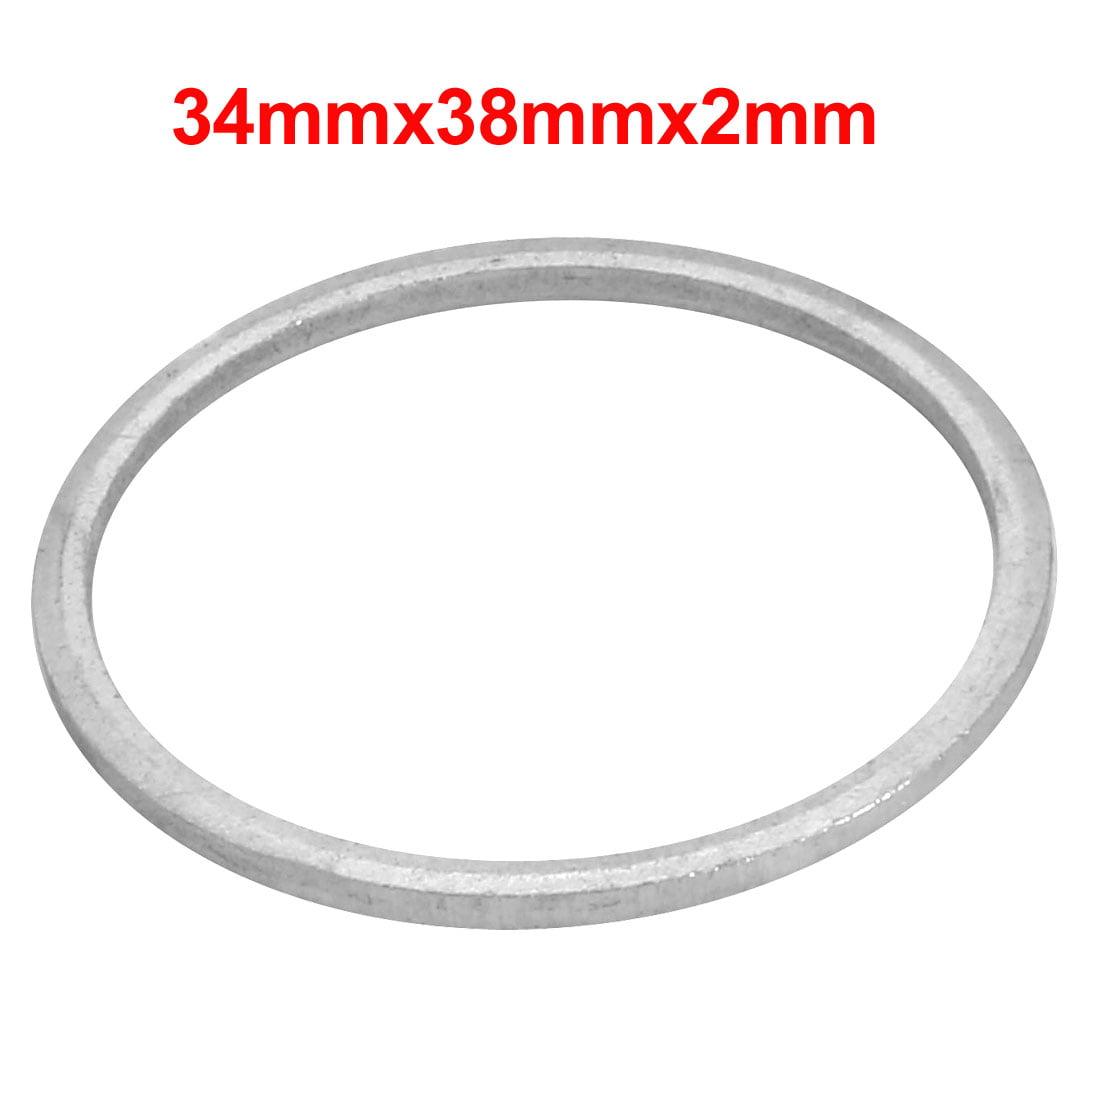 20Pcs 34mmx38mmx2mm Aluminum Motorcycle Hardware Drain Plug Washer - image 2 de 3